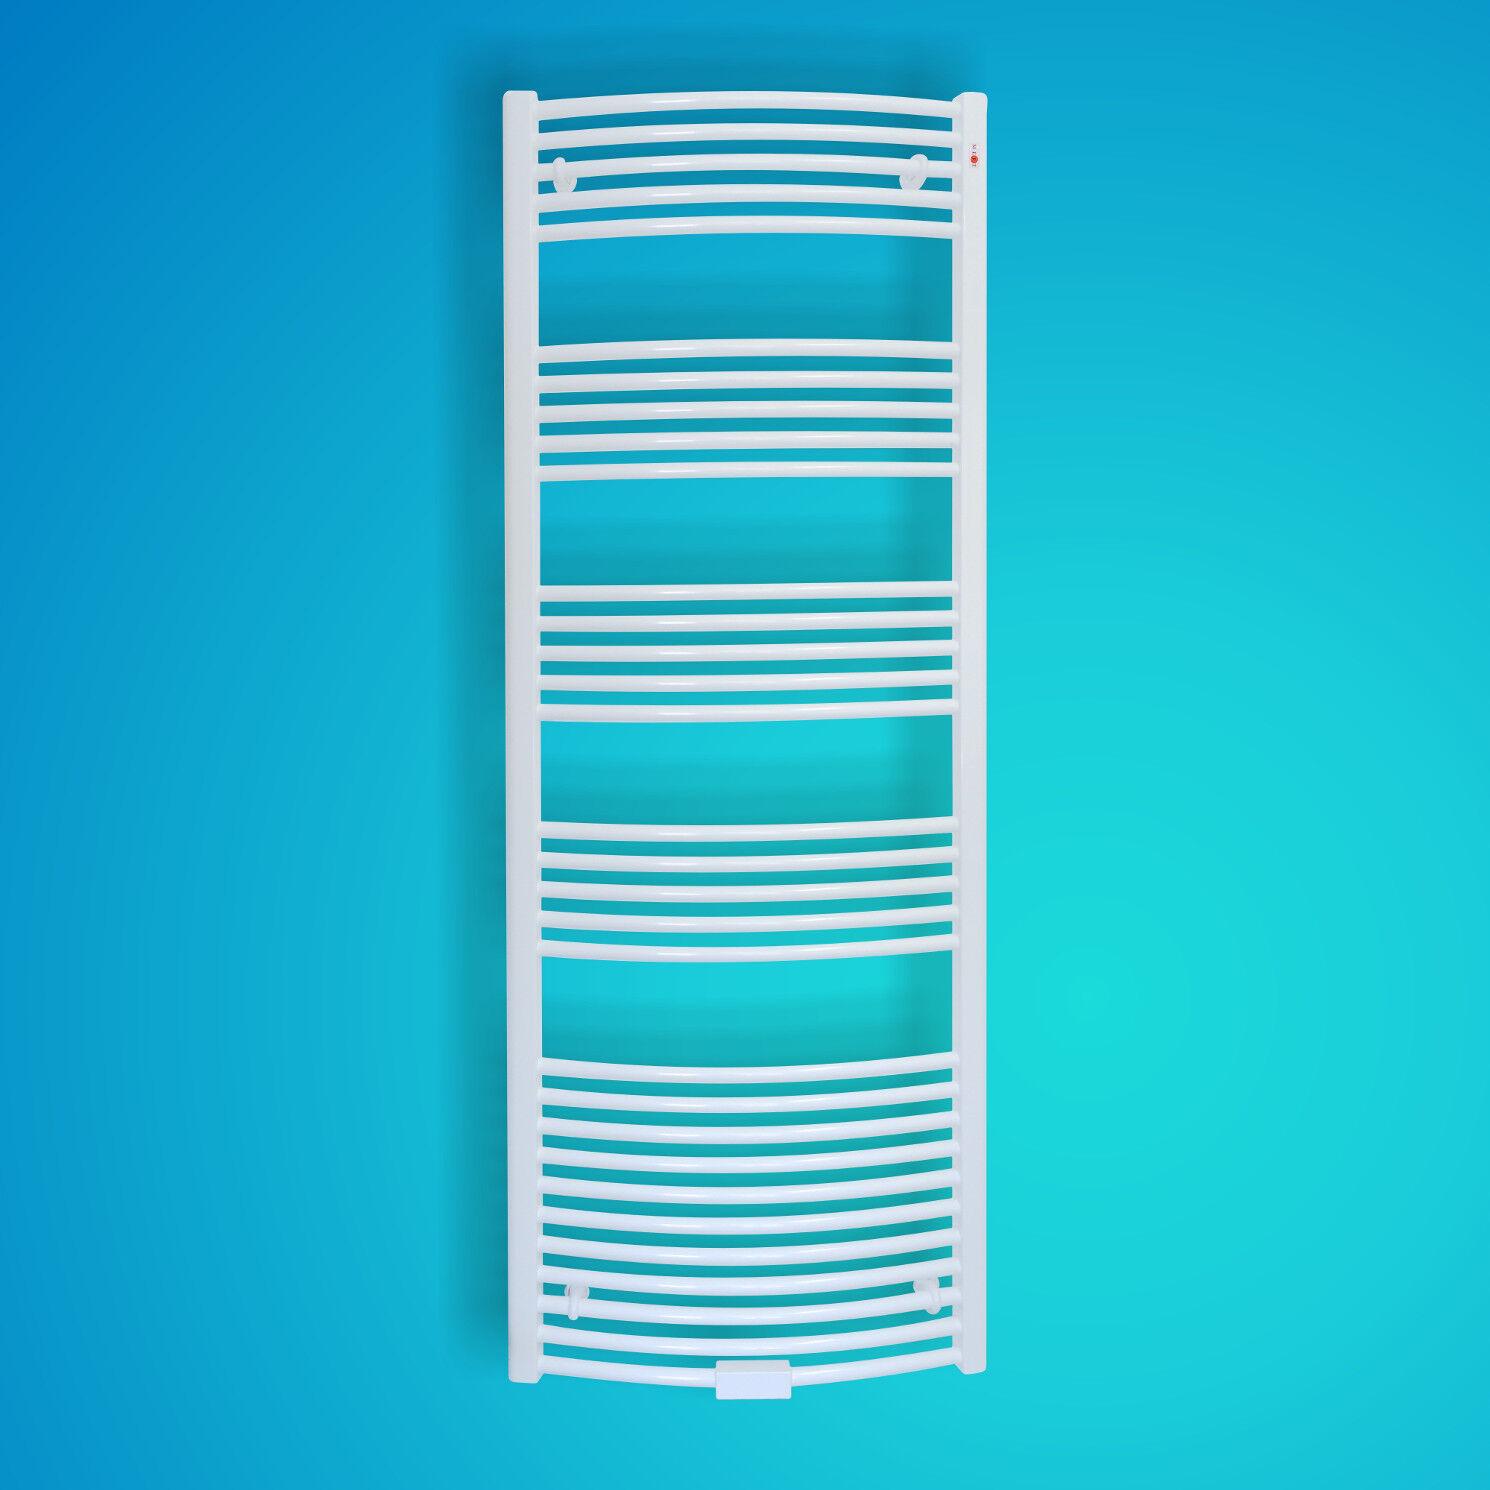 Mert Radiatoren Badheizkörper Heizkörper Standard Weiß gebogen 500 500 500 x 700 mm 95d310